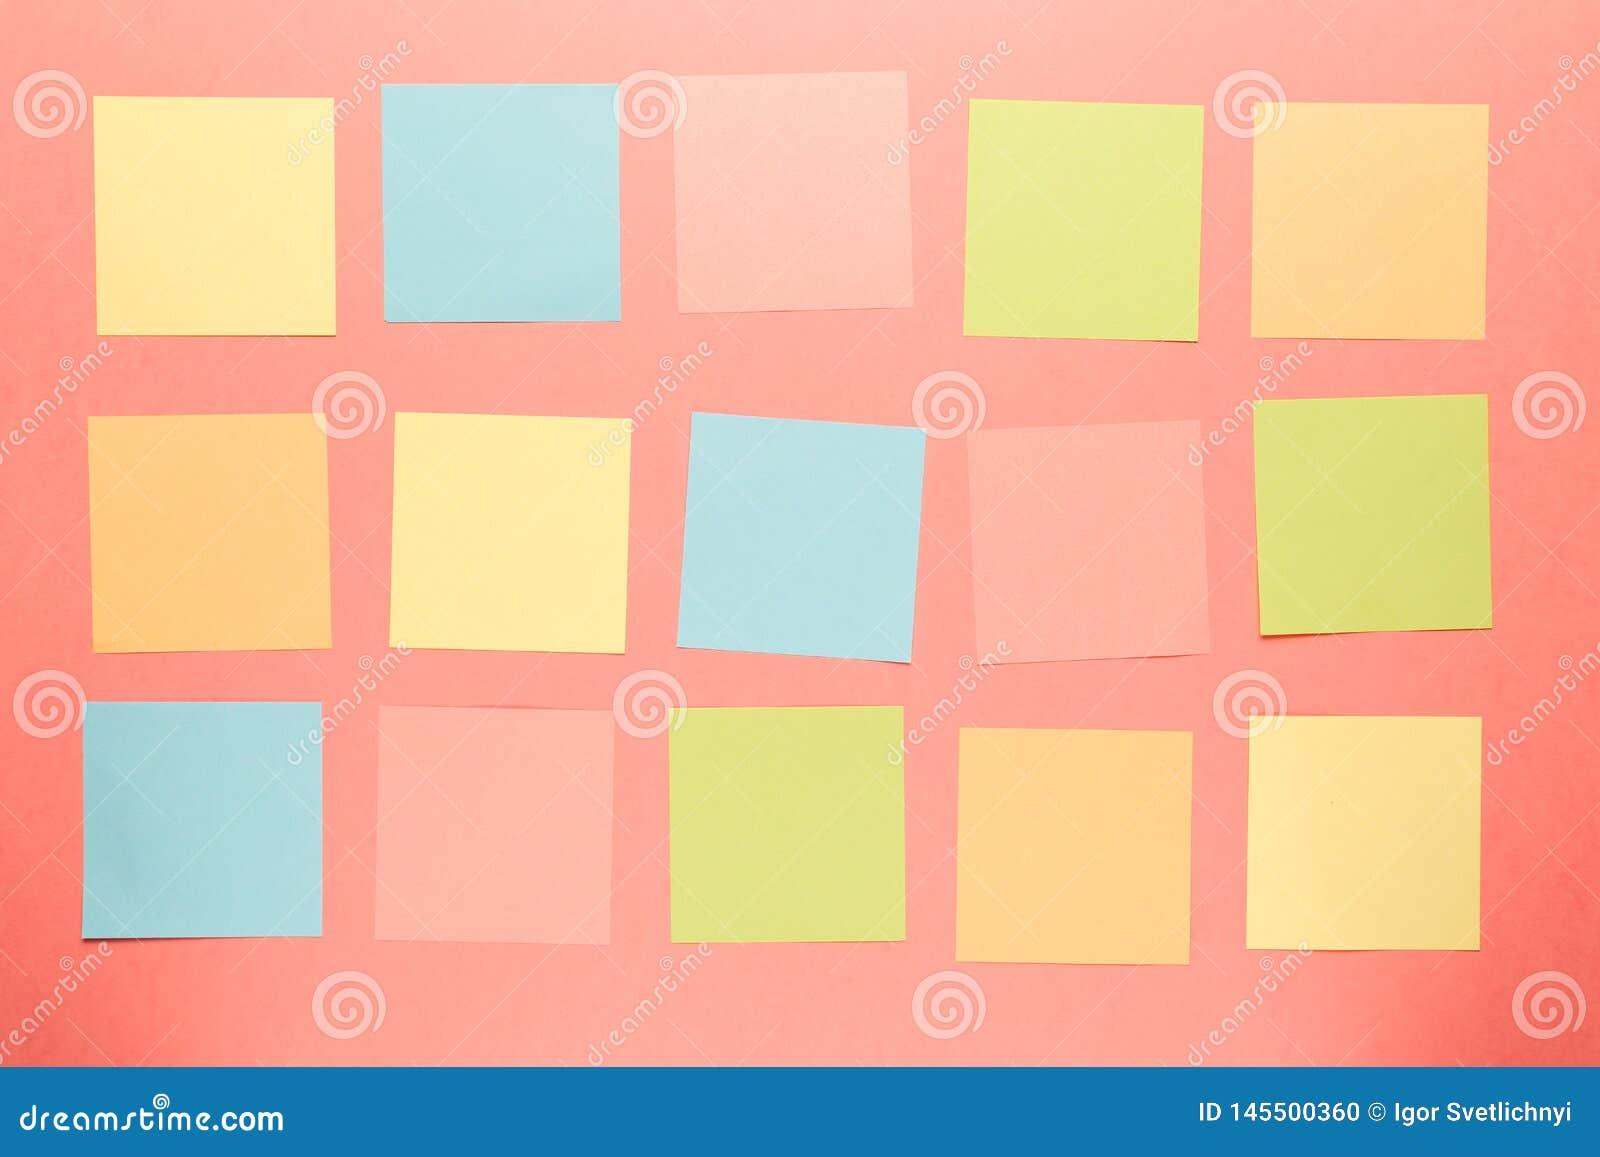 Bunte Papieraufkleber auf korallenrotem Hintergrund